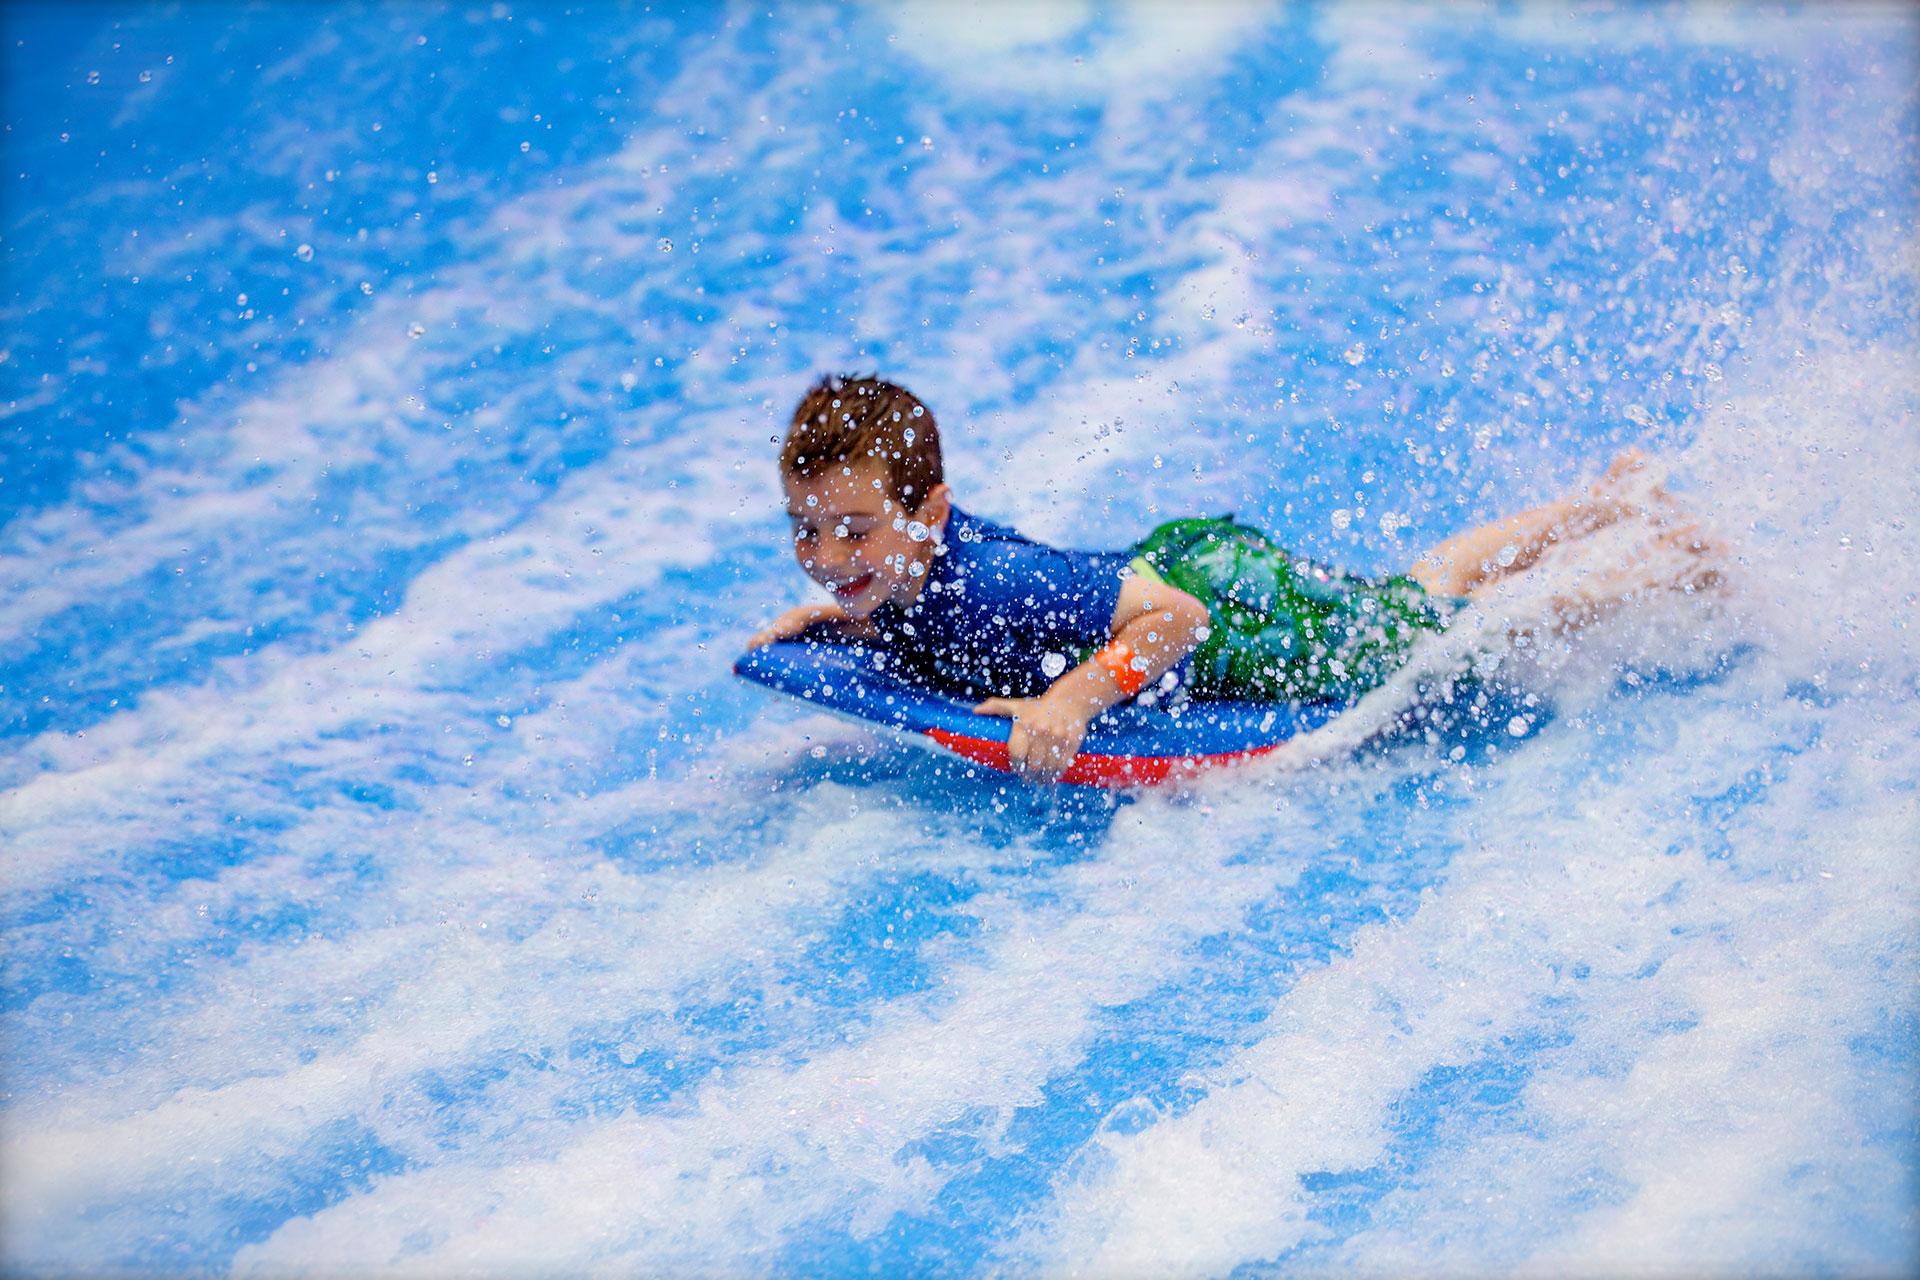 Boy on FlowRider at Camelback Resort & Indoor Waterpark; Courtesy of Camelback Resort & Indoor Waterpark